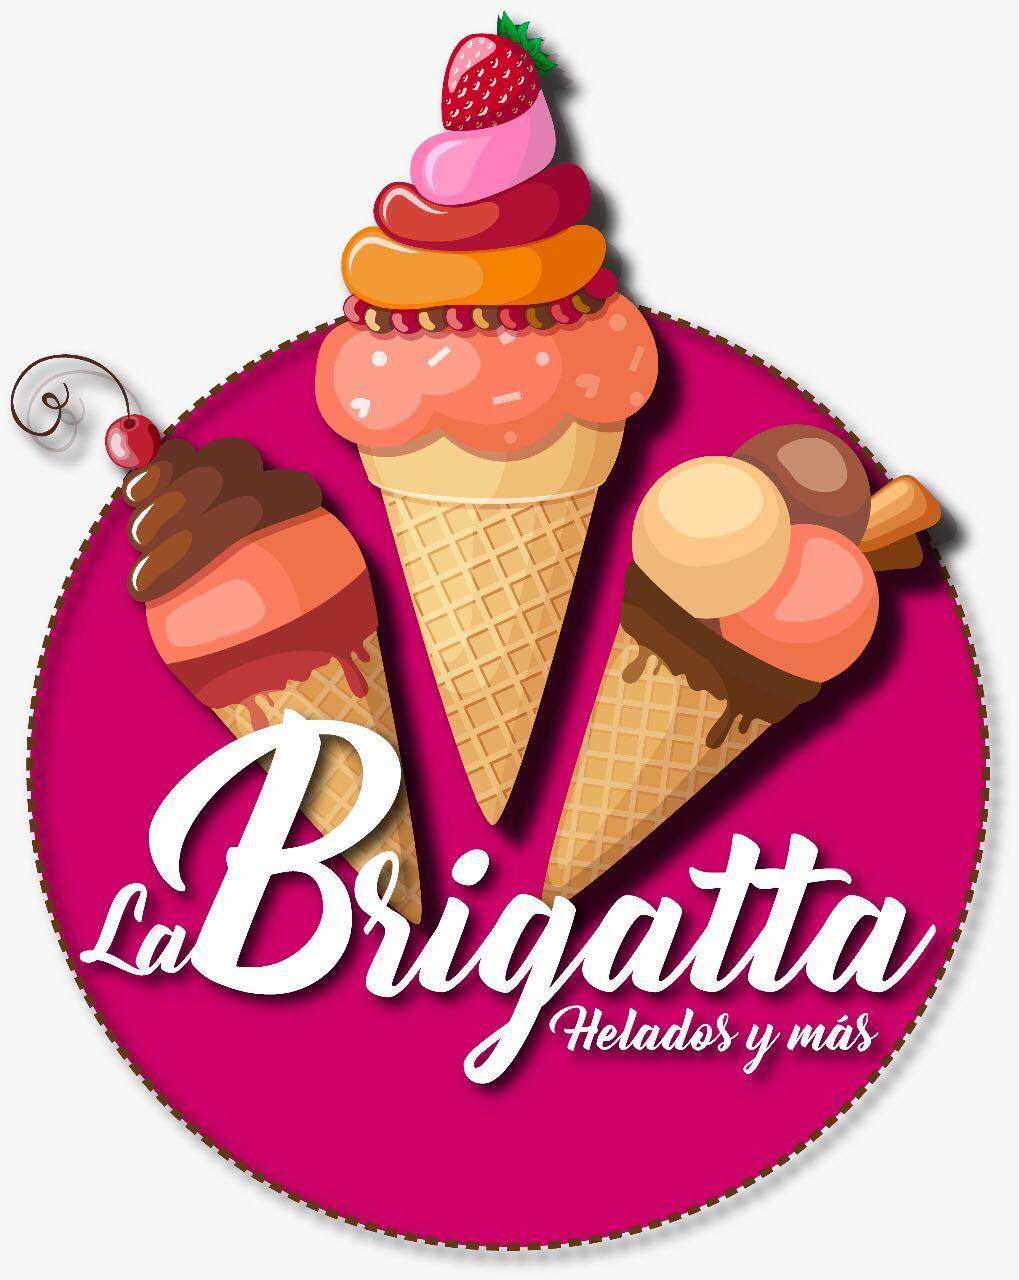 La Brigatta